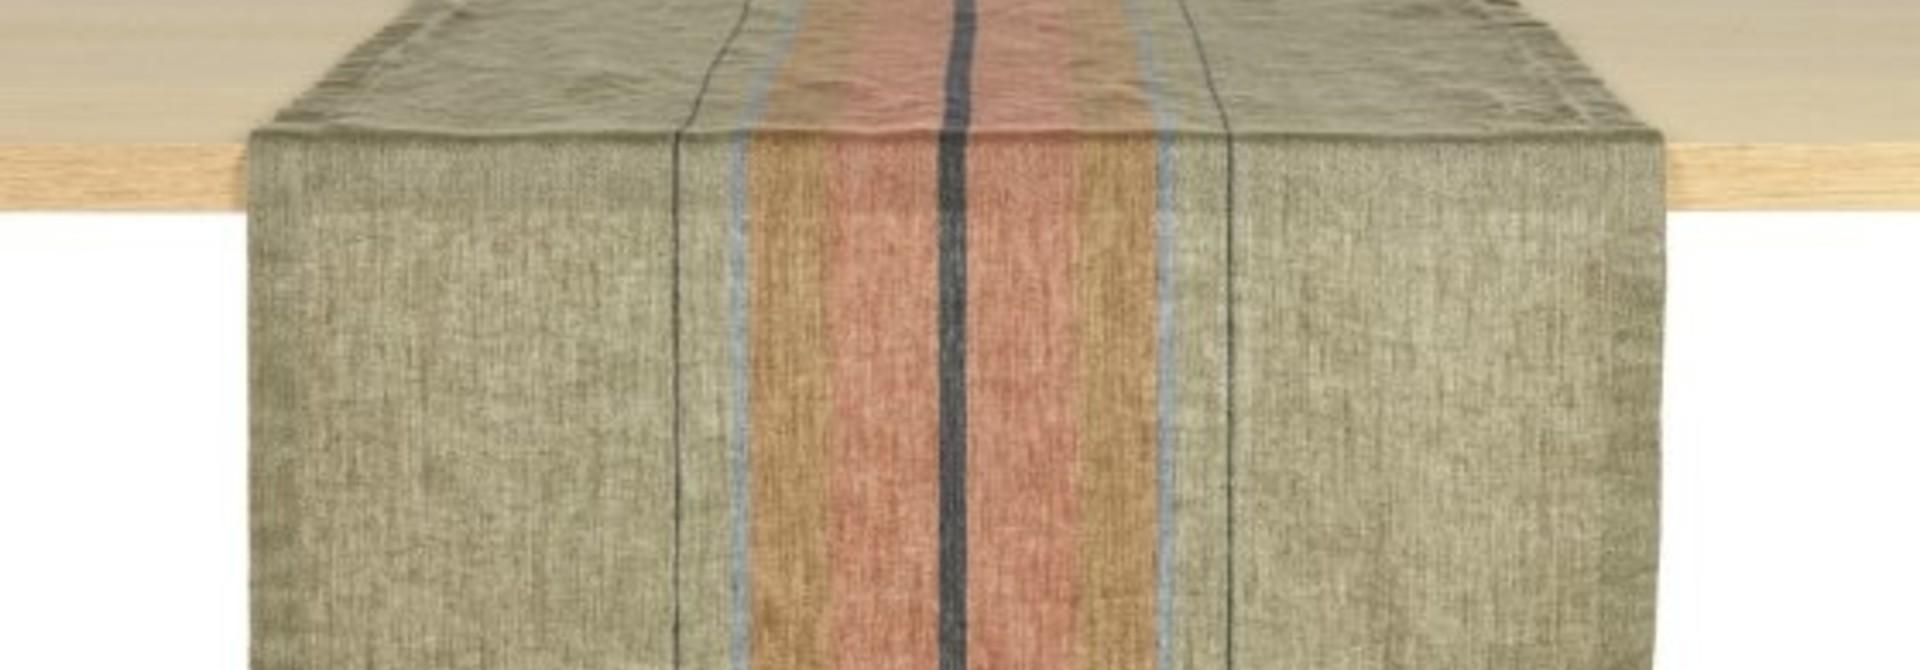 Table Runner - St. Jacob's - Olive Stripe